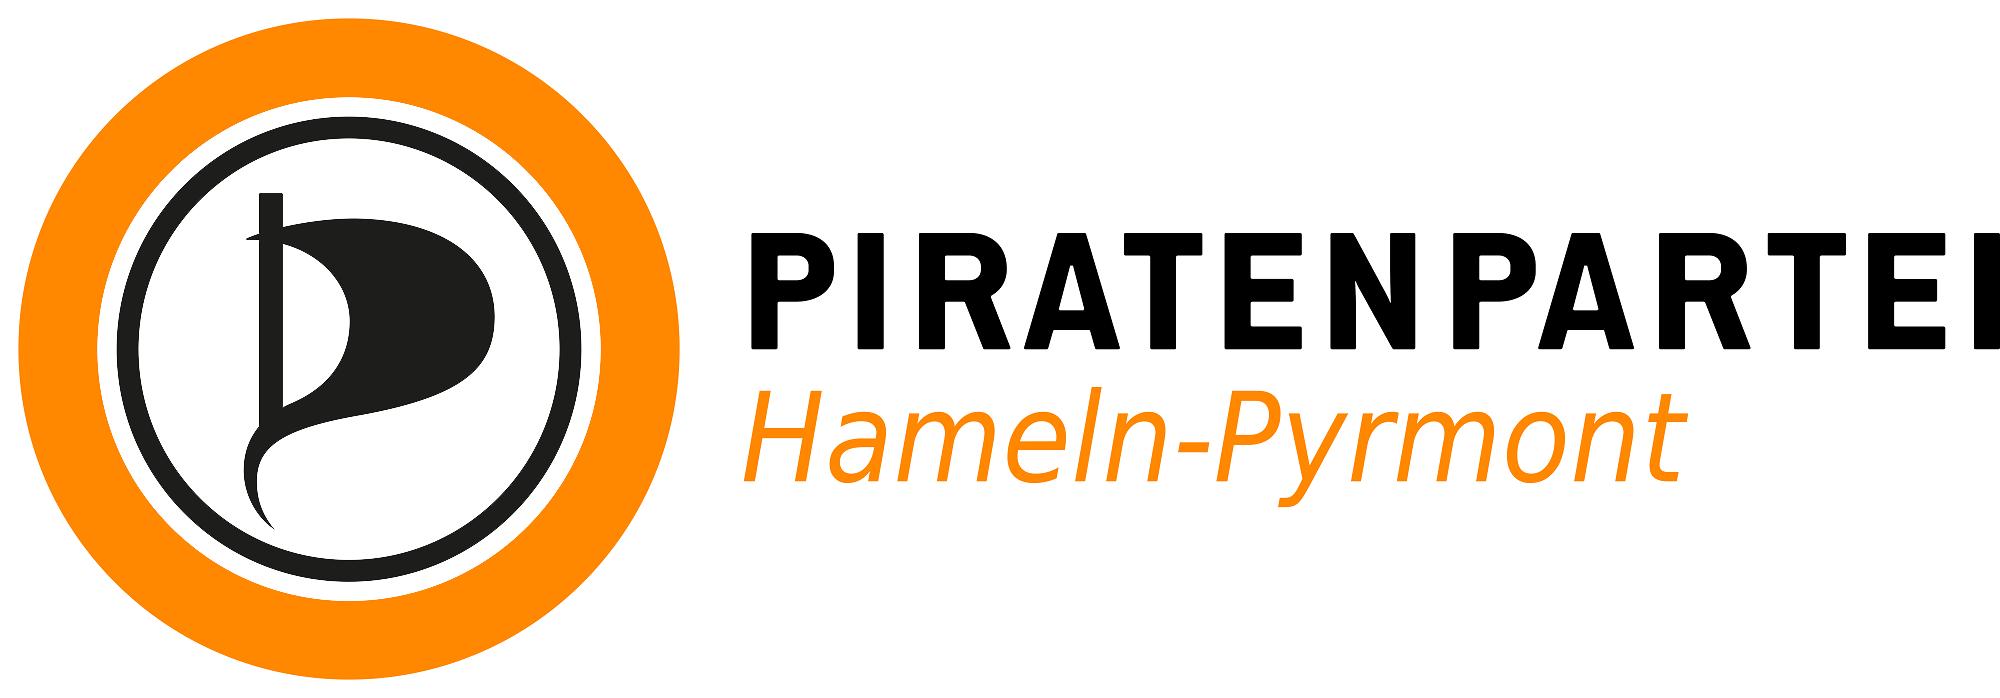 Logo der Piratenpartei Hameln-Pyrmont